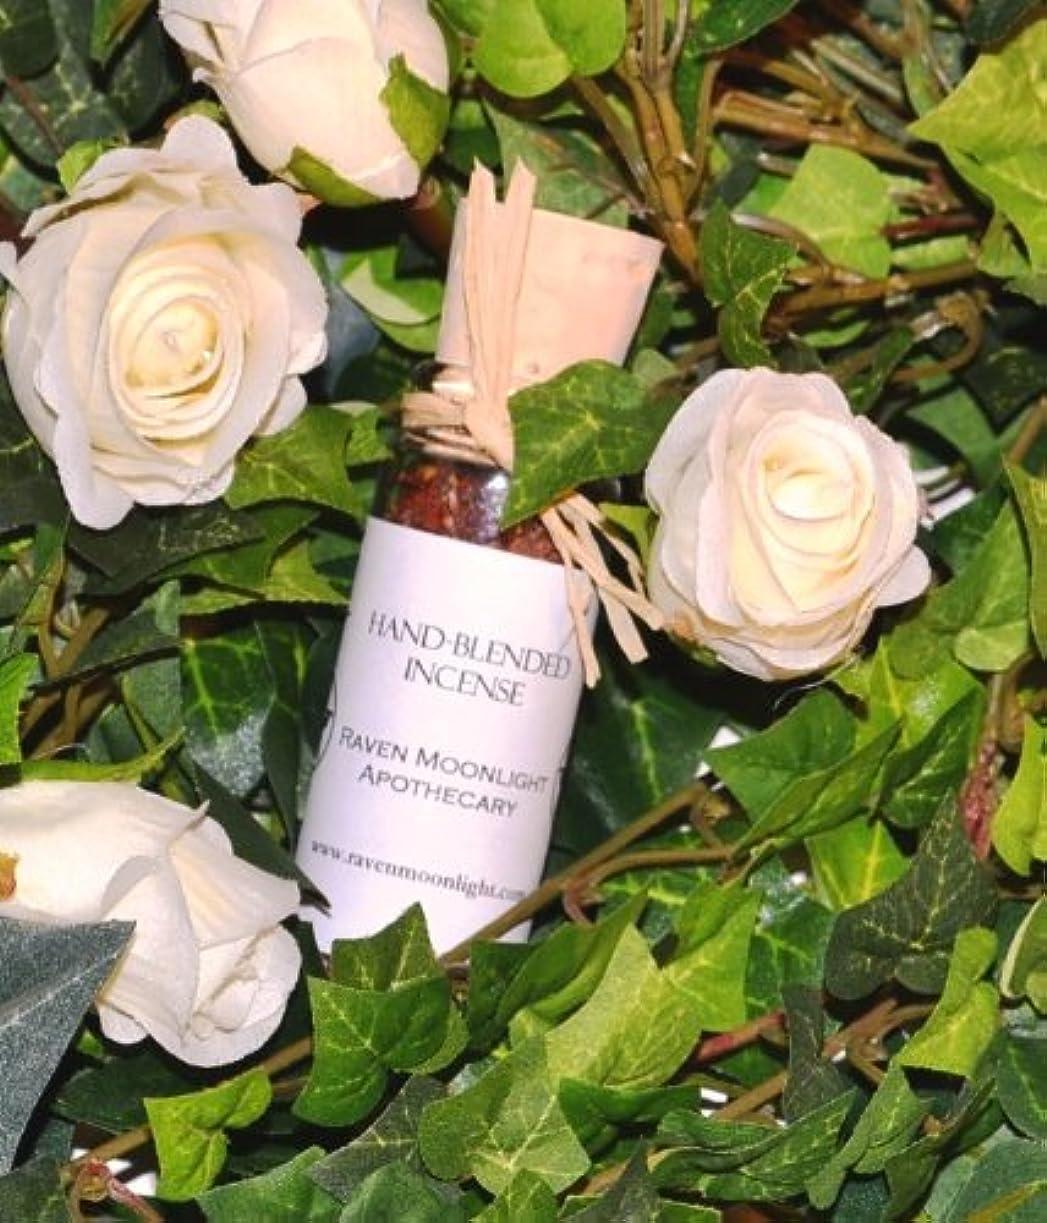 読みやすい劣る若者hand-blended Herbal Incense : Saraswati Goddessブレンド